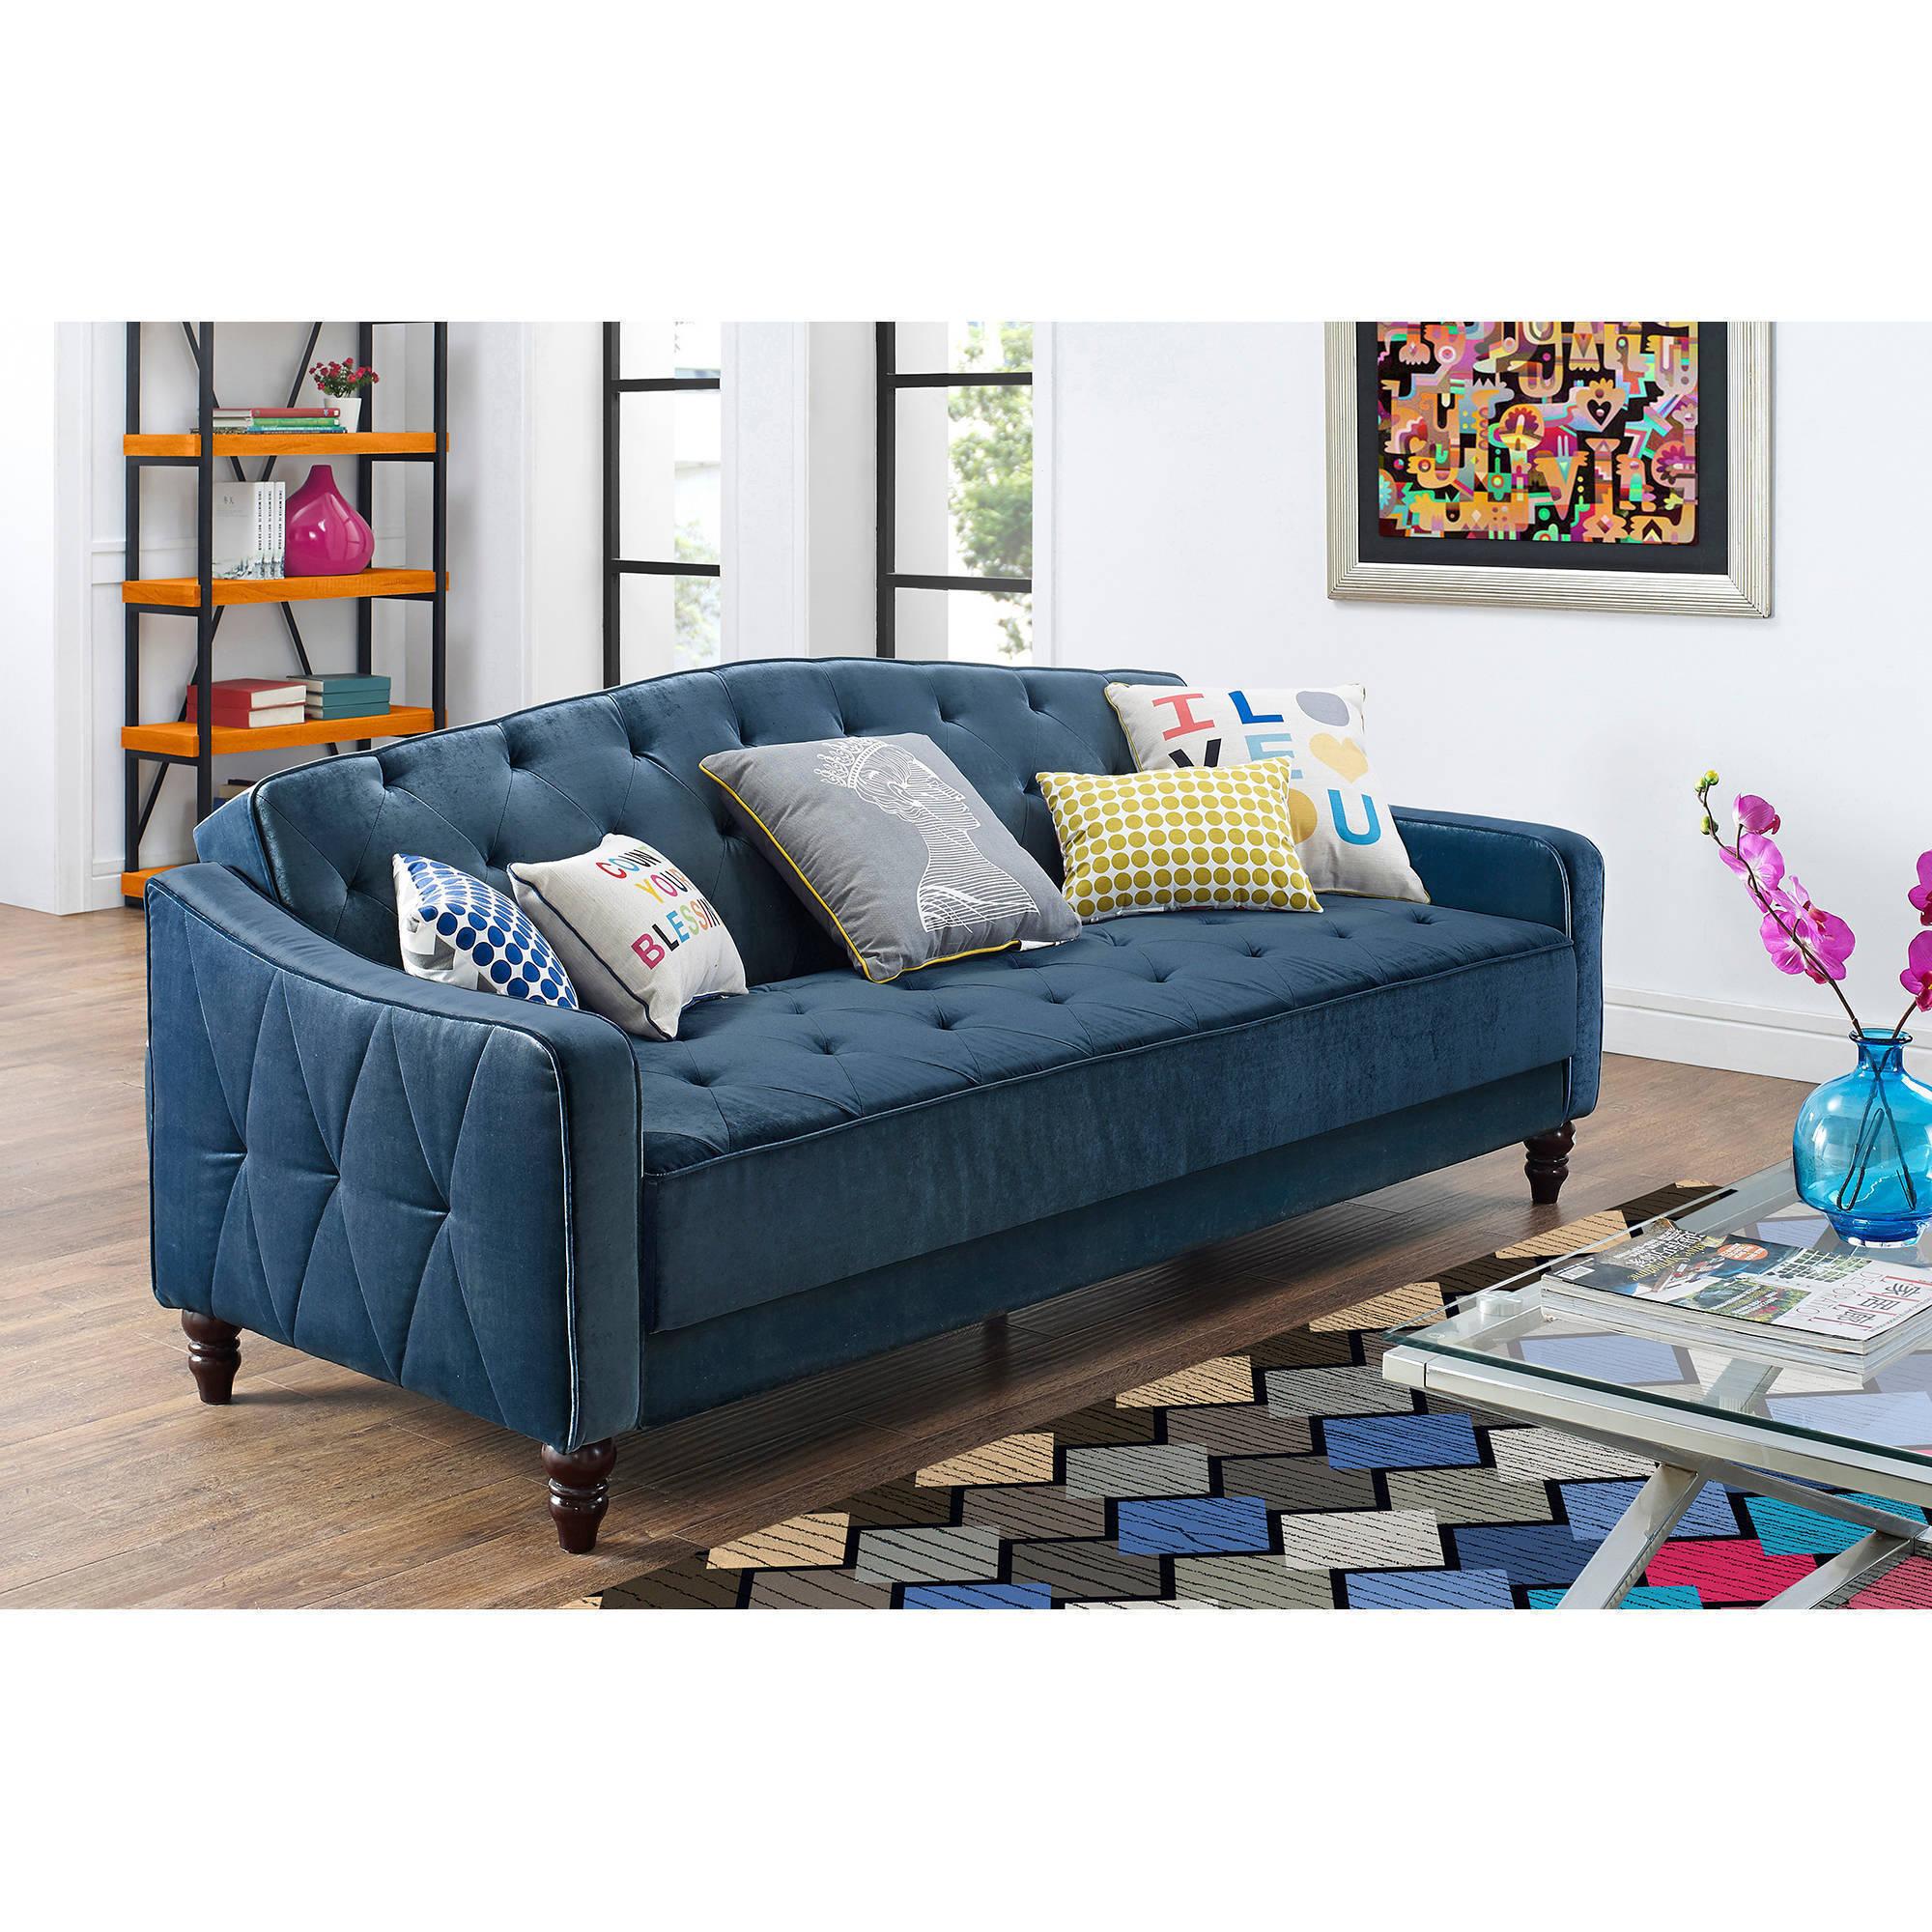 futon beds over $250 VVHORFC